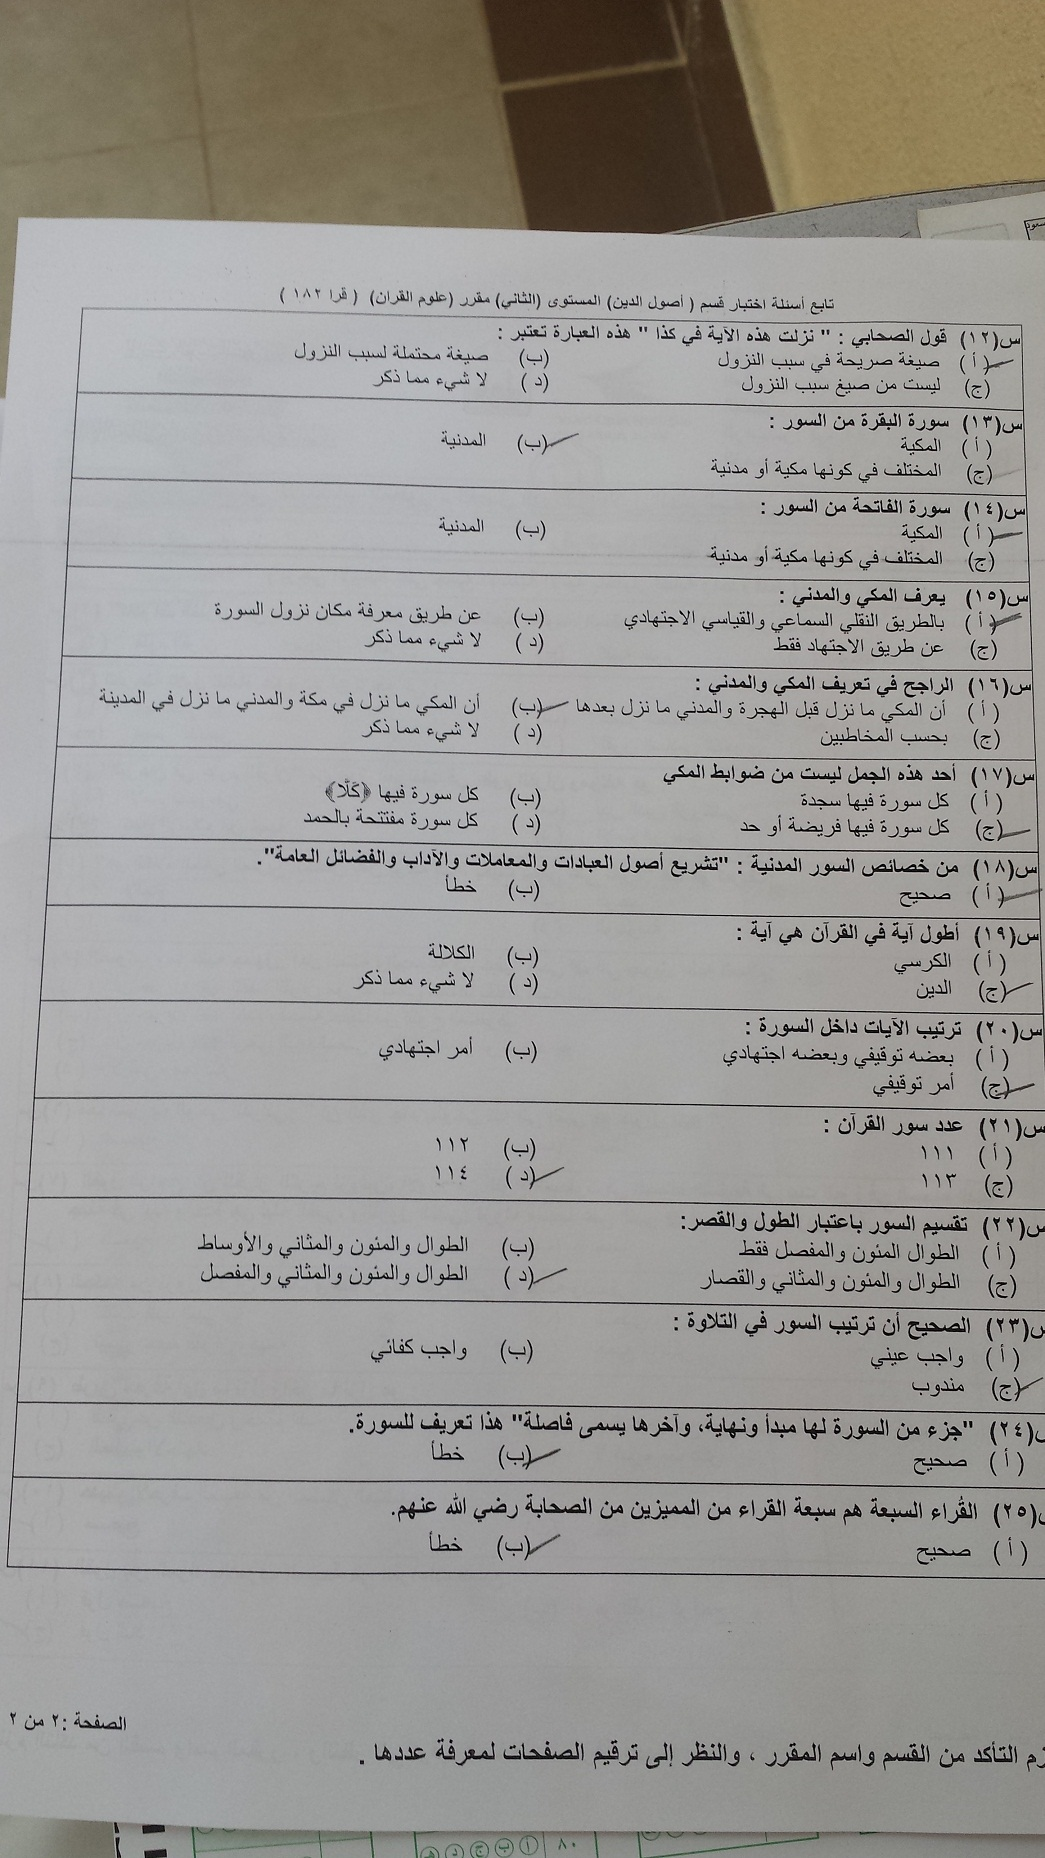 اسئلة اختبار علوم القرآن قرا 182 انتساب الفصل الدراسي الأول 1436هـ jXVJzI.jpg